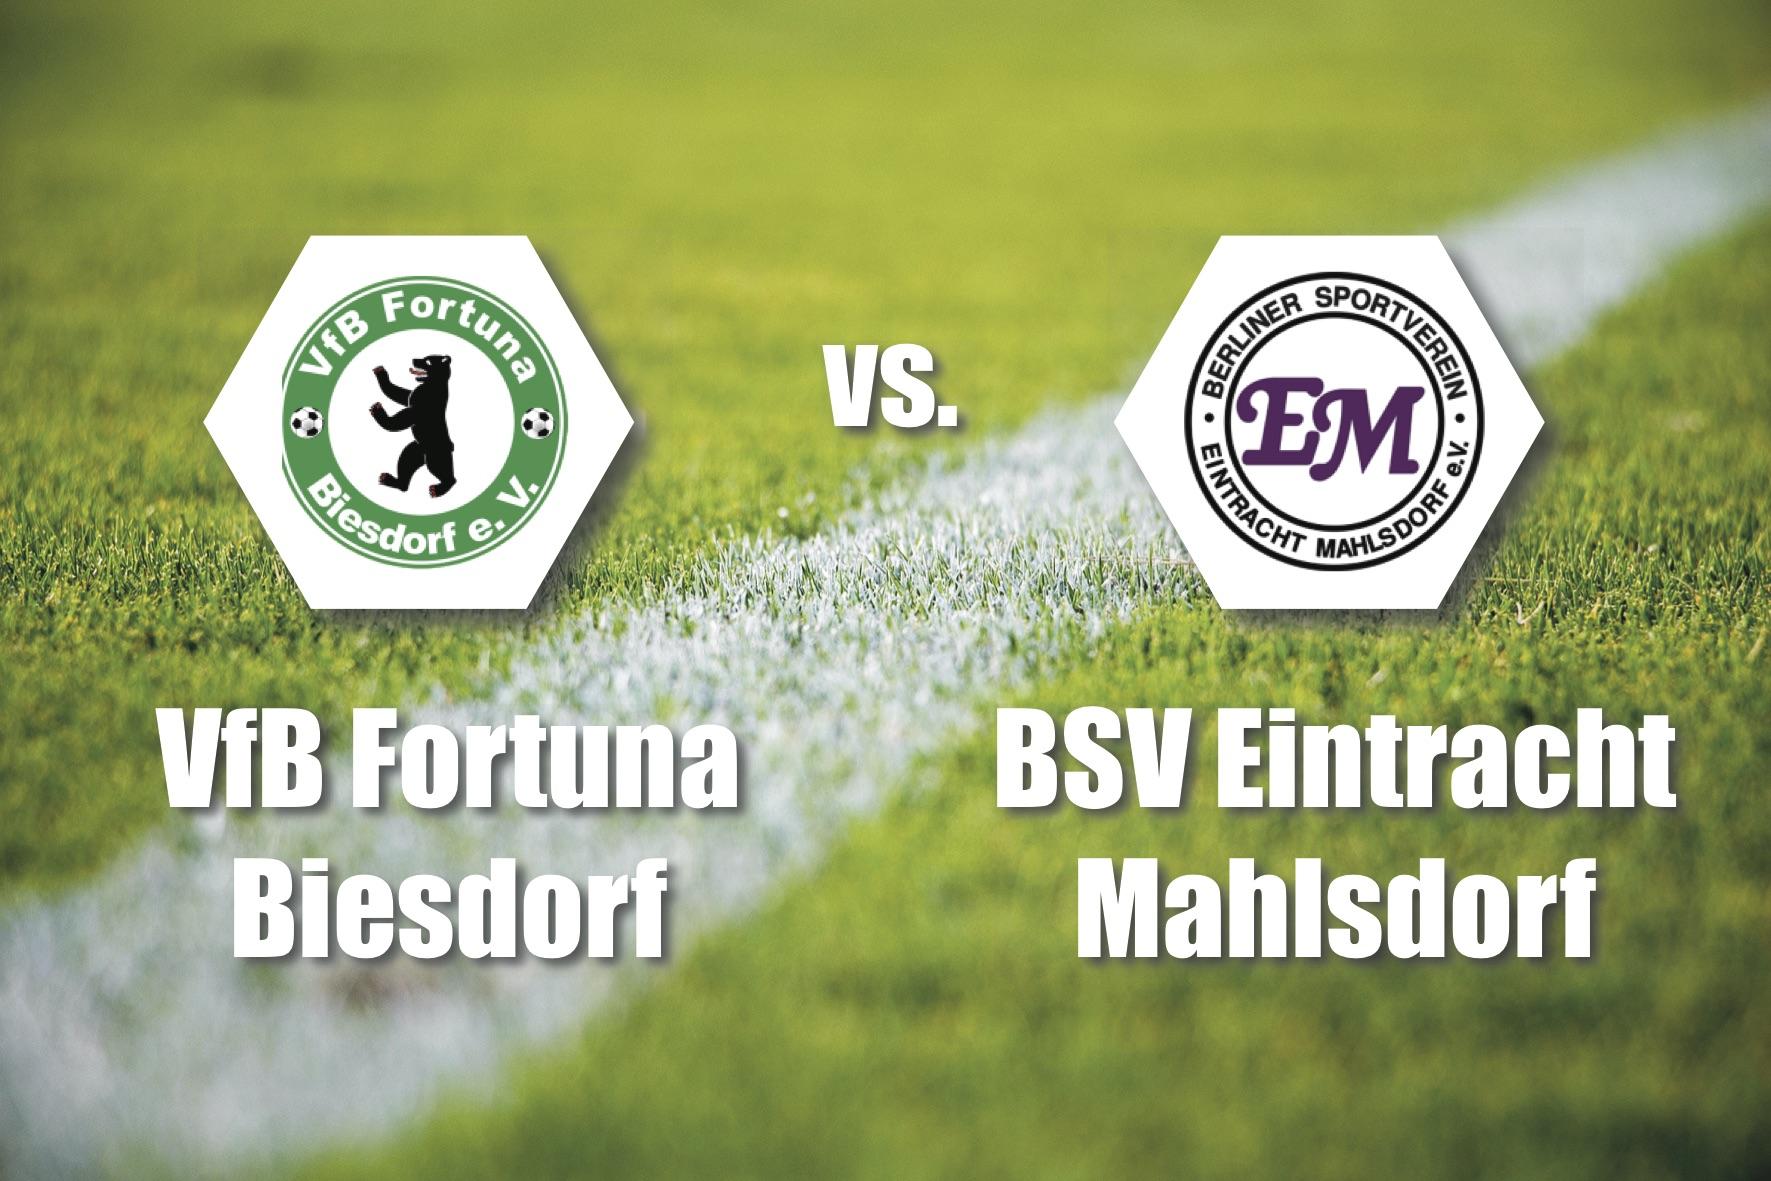 Tipp 9: Sa, 2.11., 14 Uhr: Lokalderby in der Berlin-Liga. Fortuna Biesdorf empfängt am Grabensprung Eintracht Mahlsdorf.